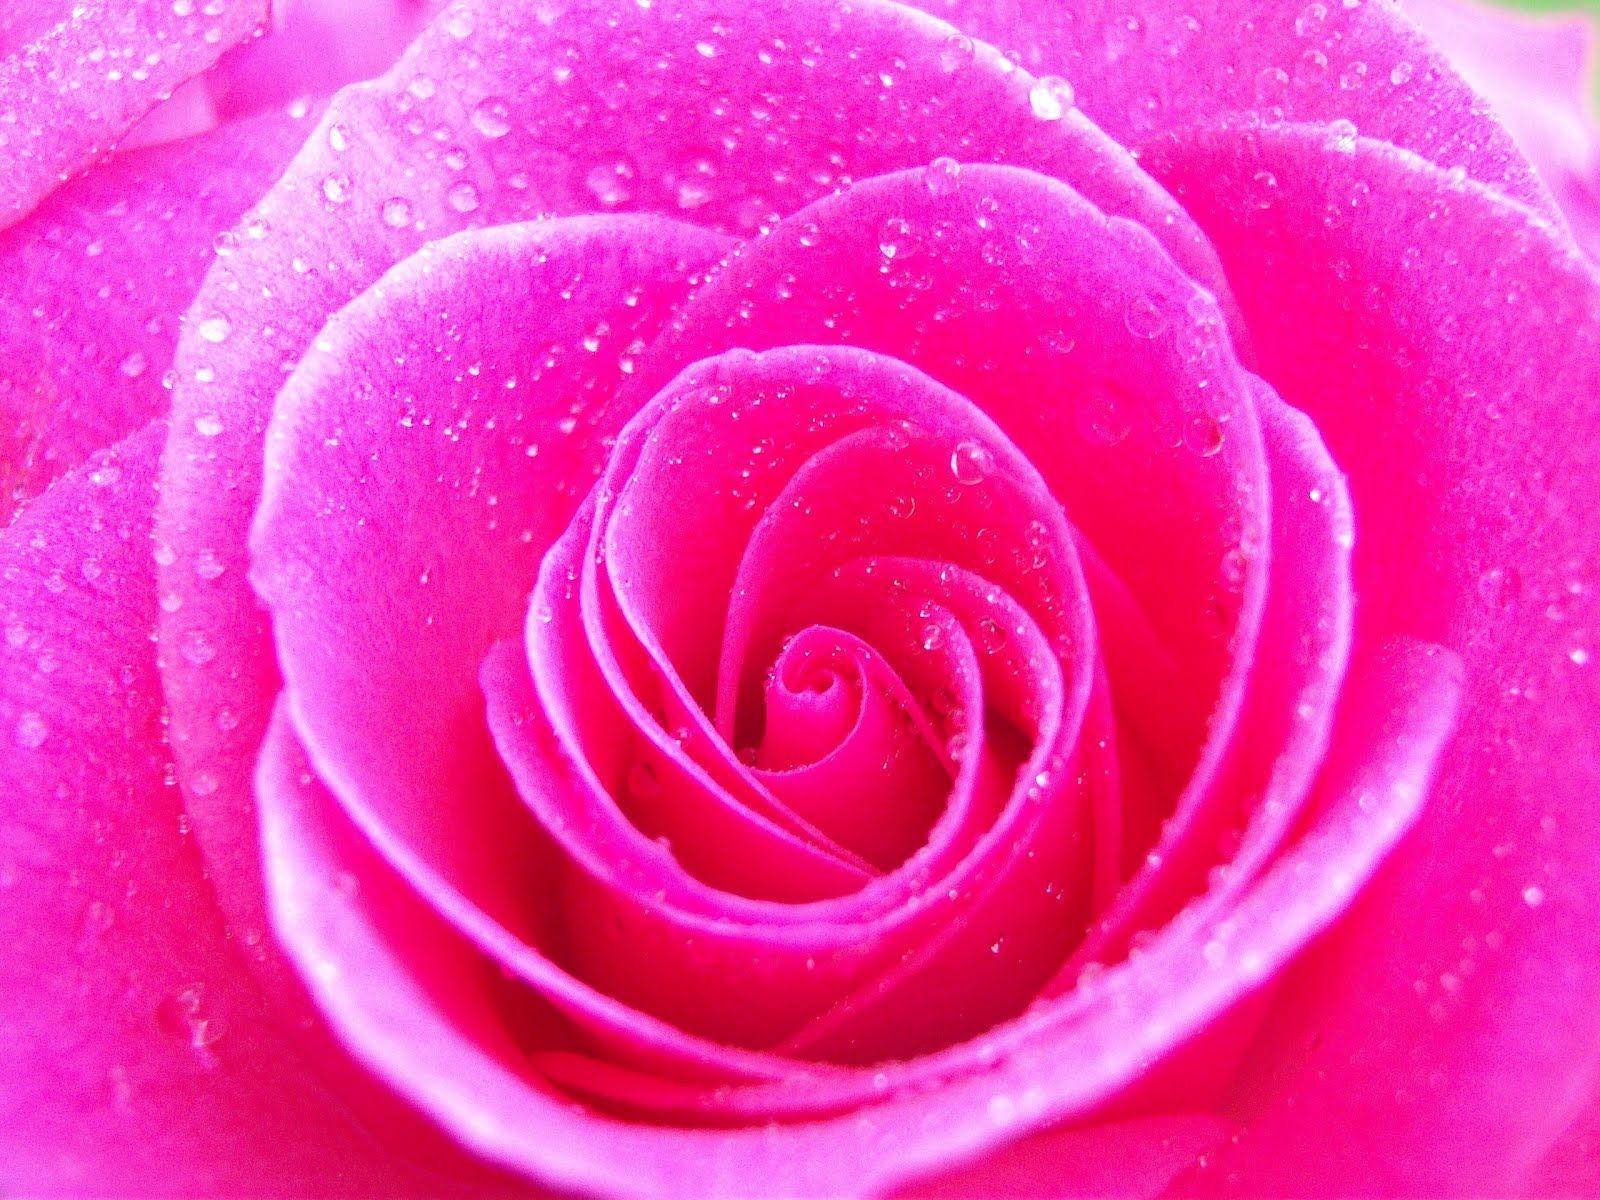 Http Www Viawallpaper Com Wp Content Uploads 2013 11 Floral